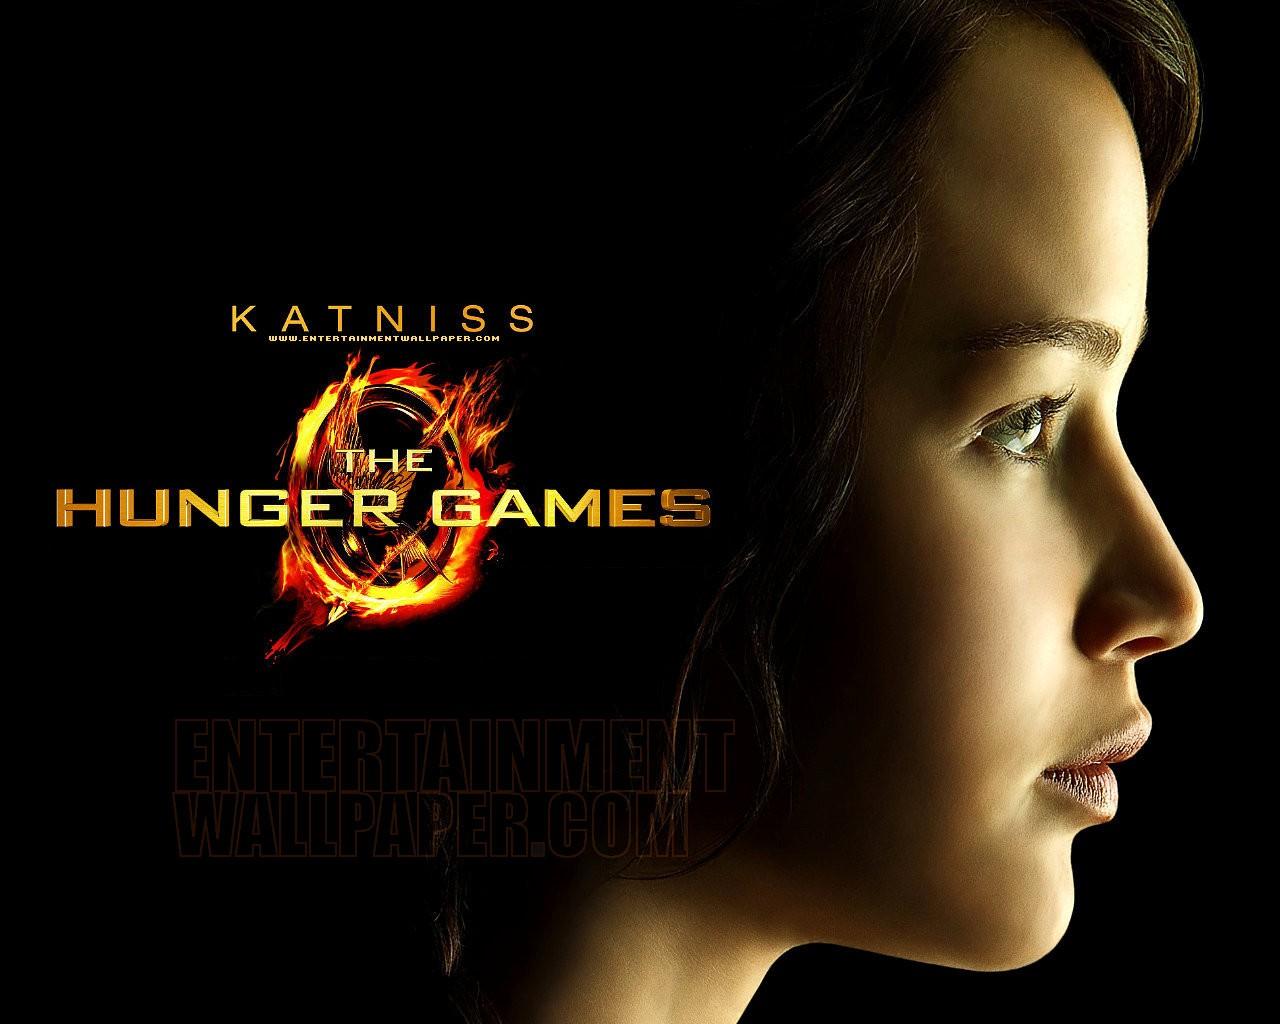 The Hunger Games Wallpaper Maceme Wallpaper 1280x1024